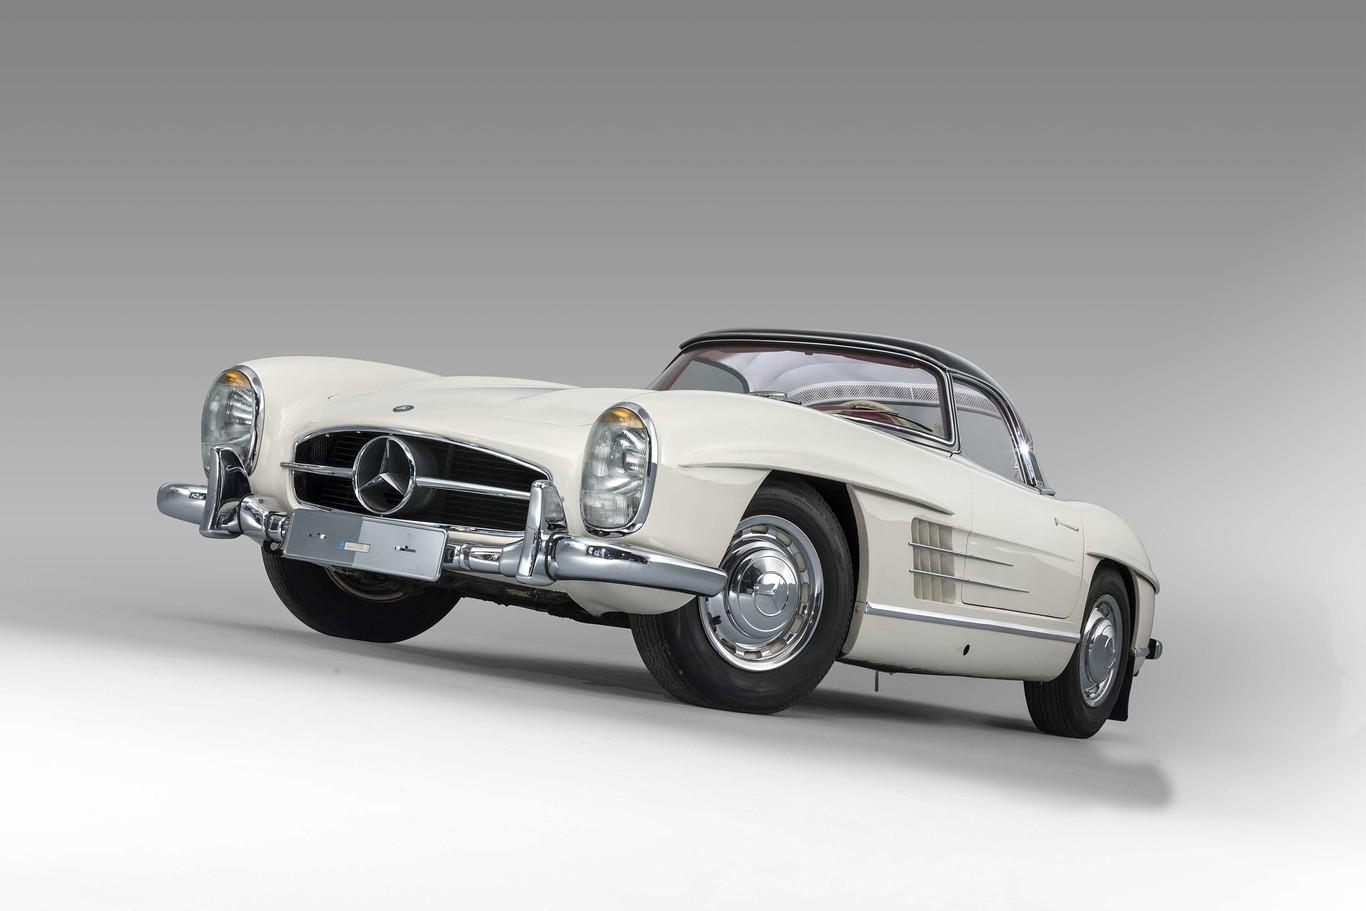 Foto de Mercedes-Benz SL300 1963 se vende en 70 millones de pesos (1/9)